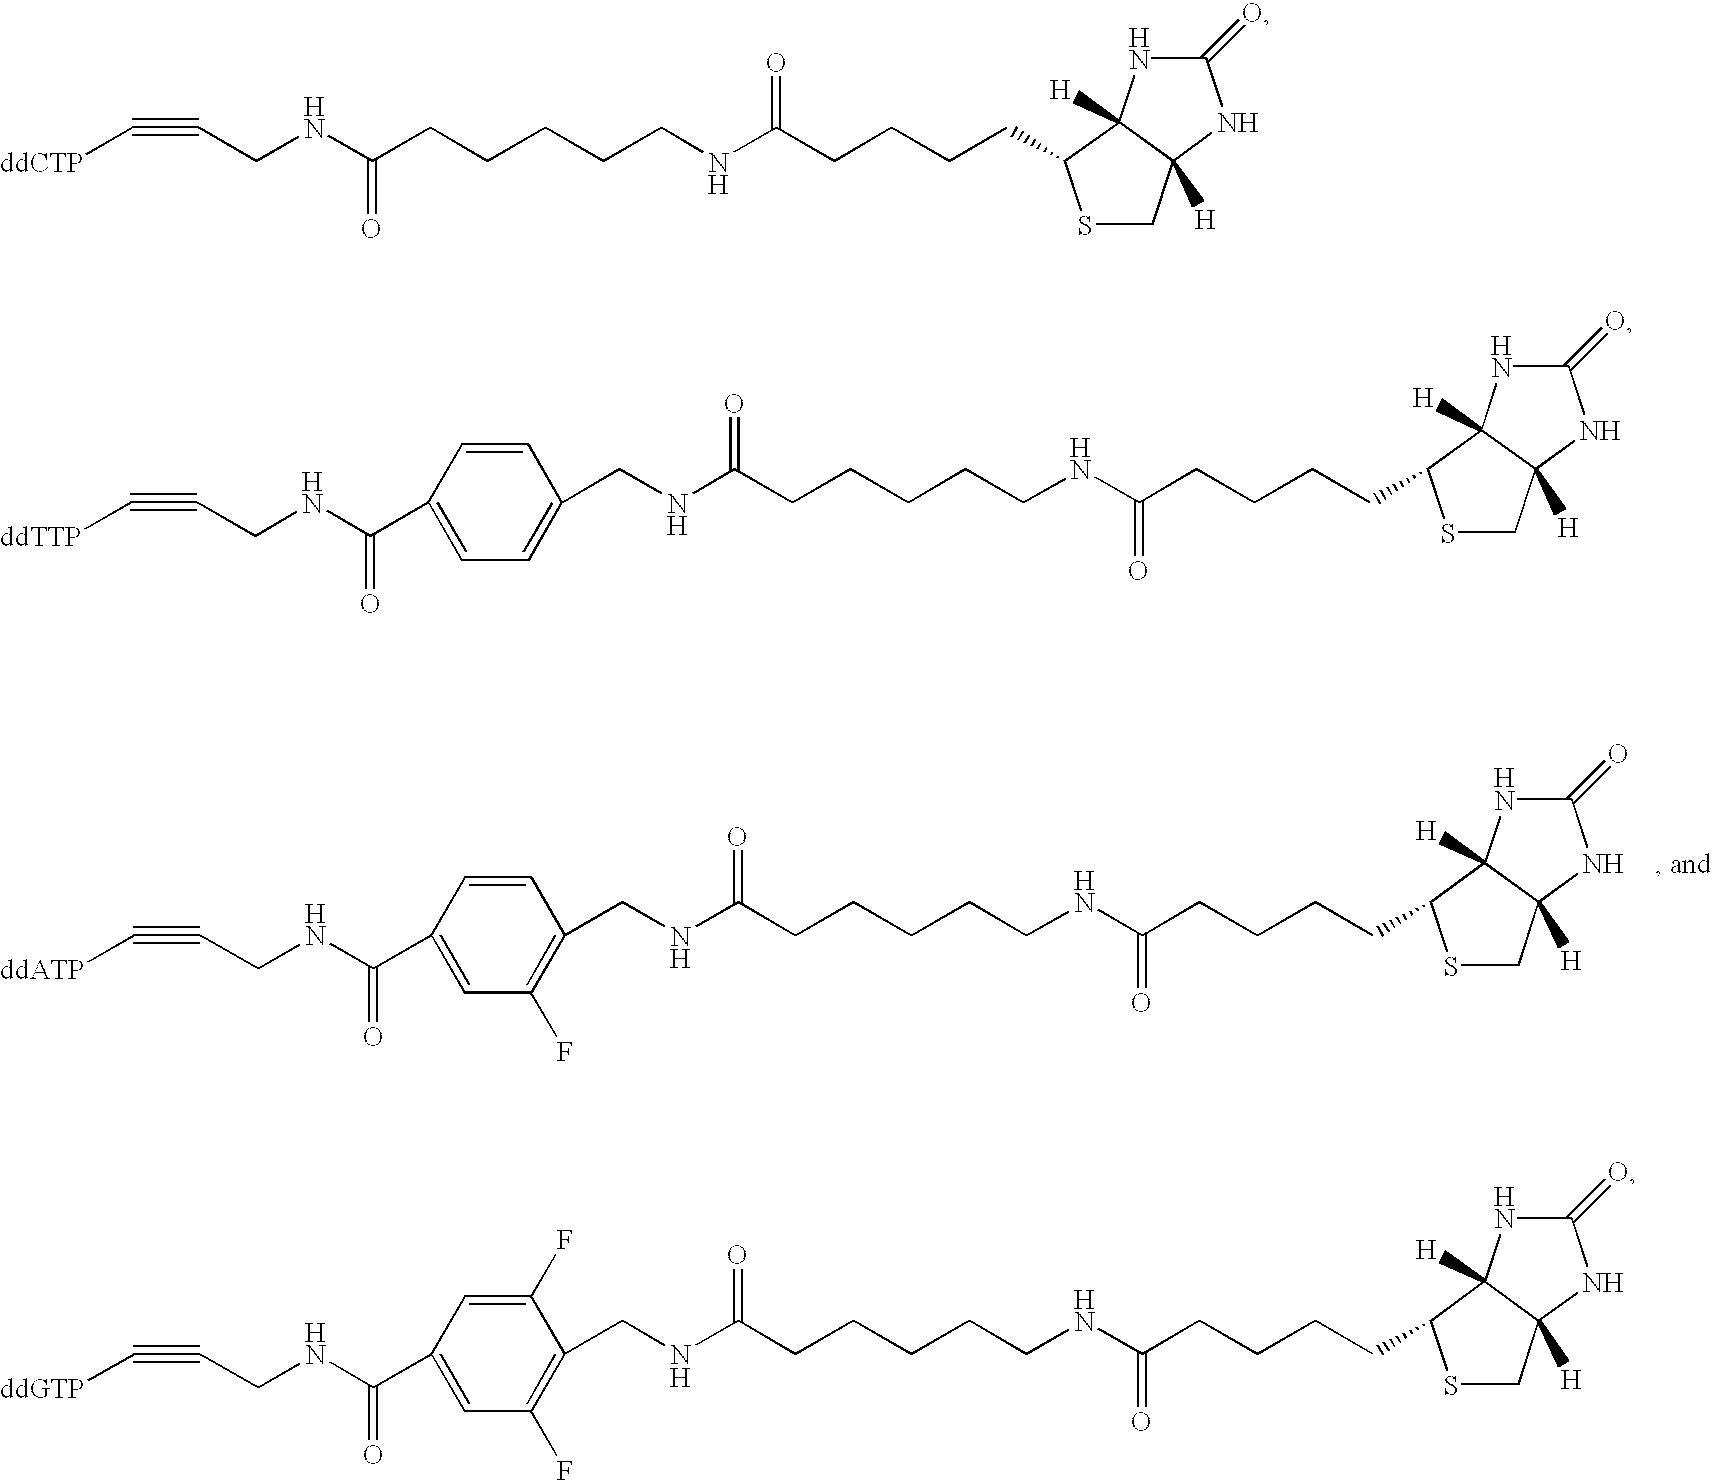 Figure US20030027140A1-20030206-C00008